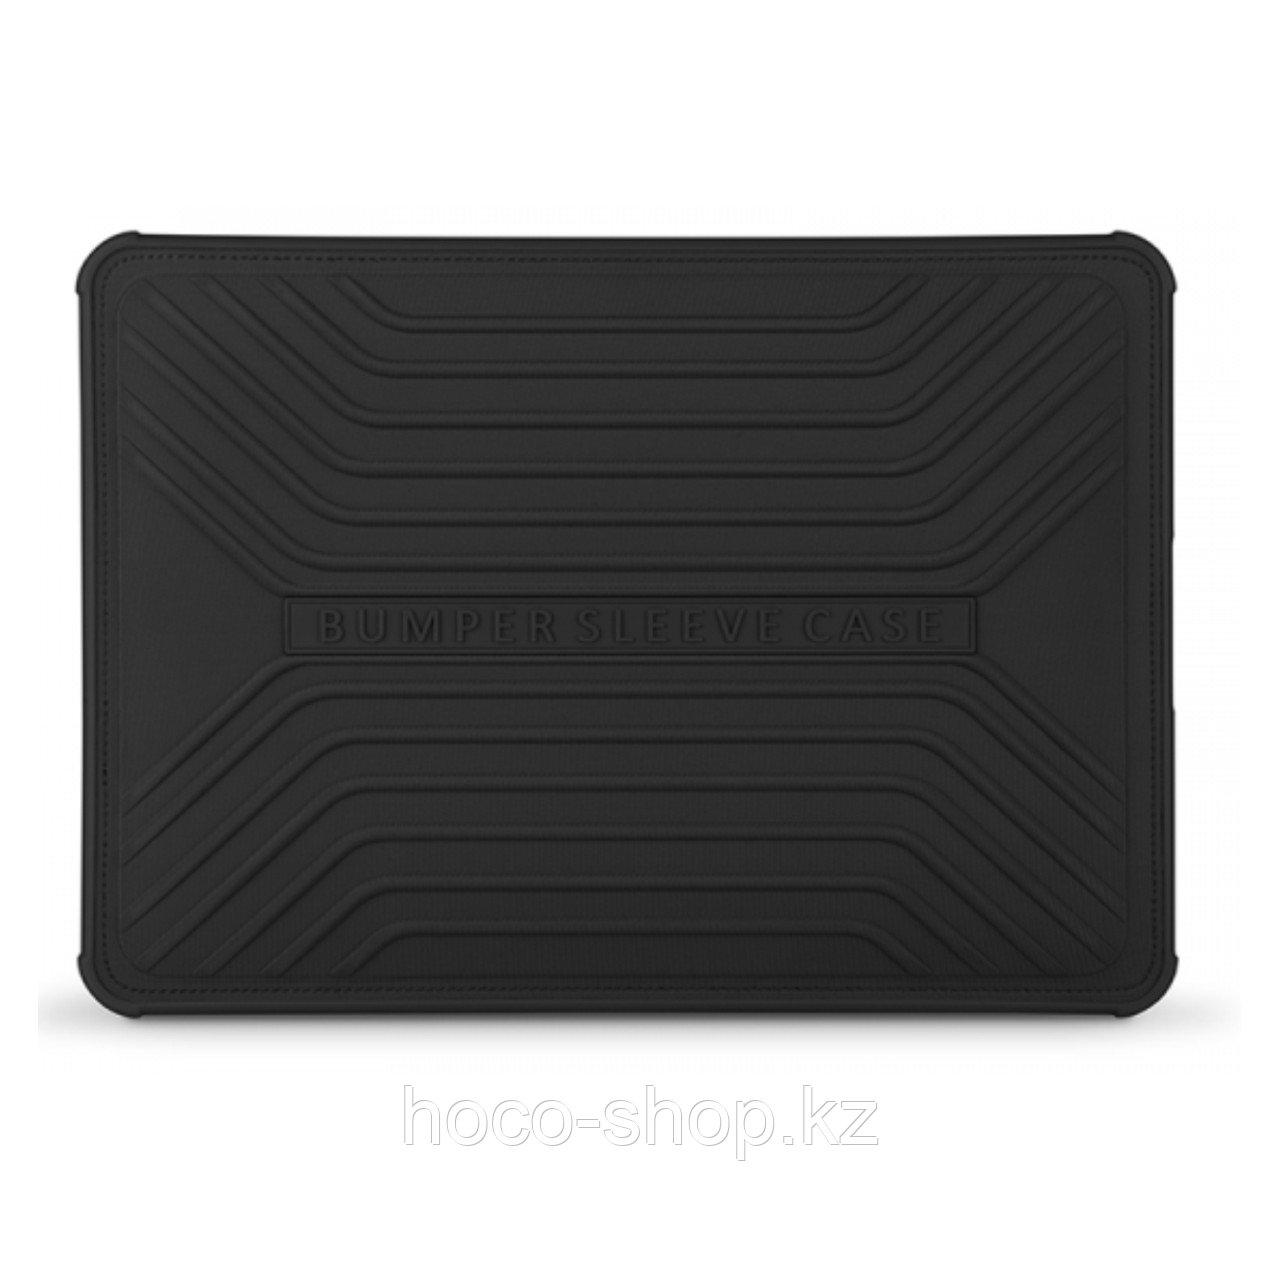 """Противоударный чехол-бампер для Macbook Pro 15.4 """" Wiwu Voyage, черный"""